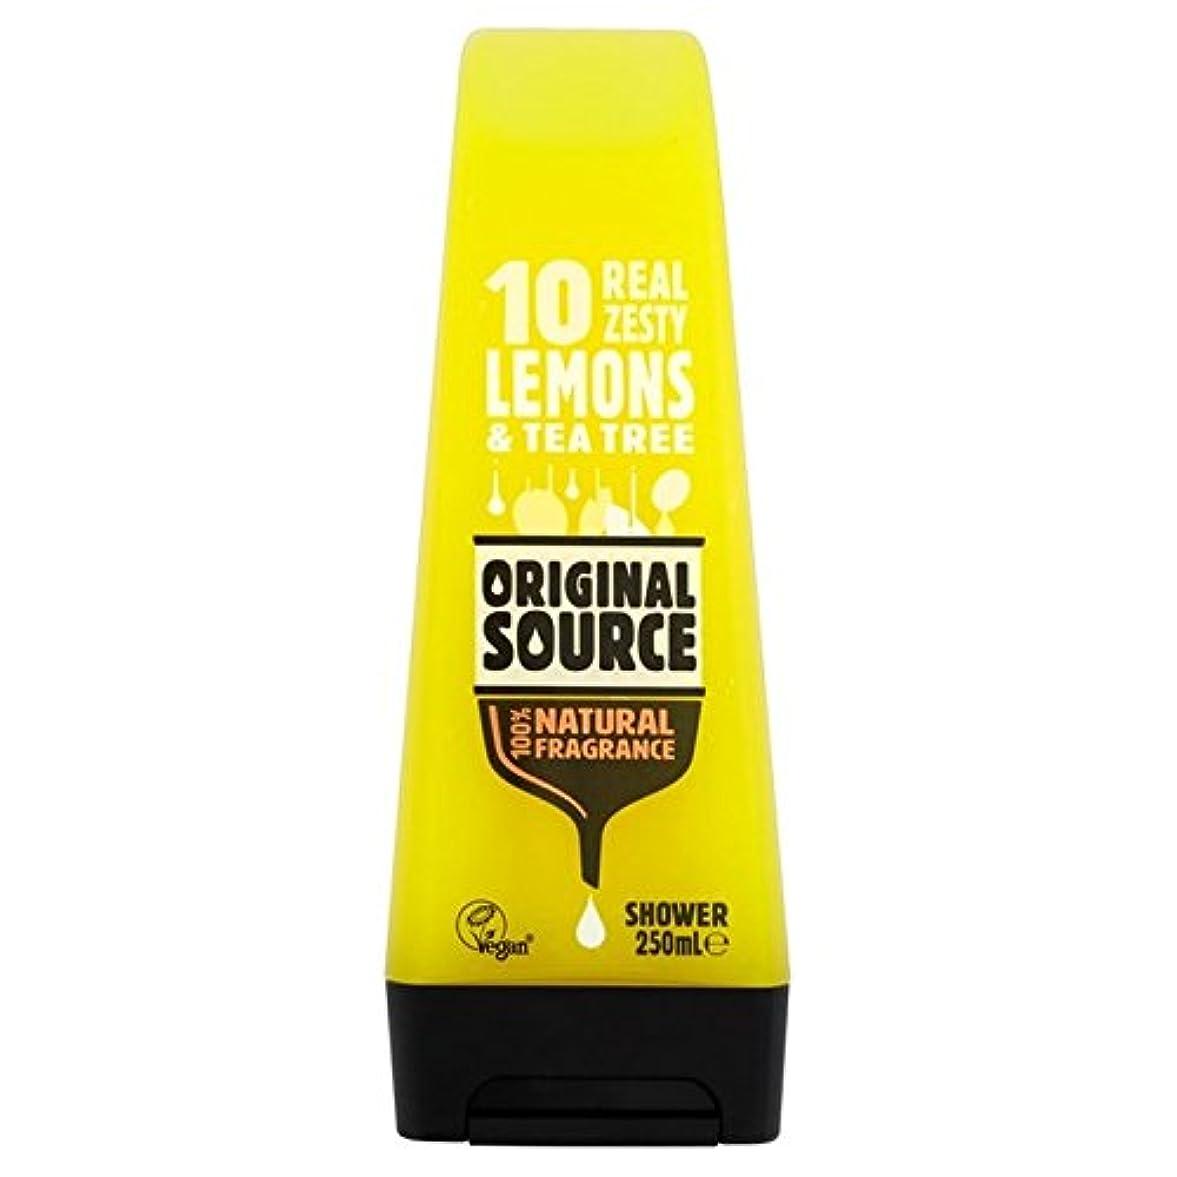 野球責書く元のソースのレモンシャワージェル250ミリリットル x4 - Original Source Lemon Shower Gel 250ml (Pack of 4) [並行輸入品]